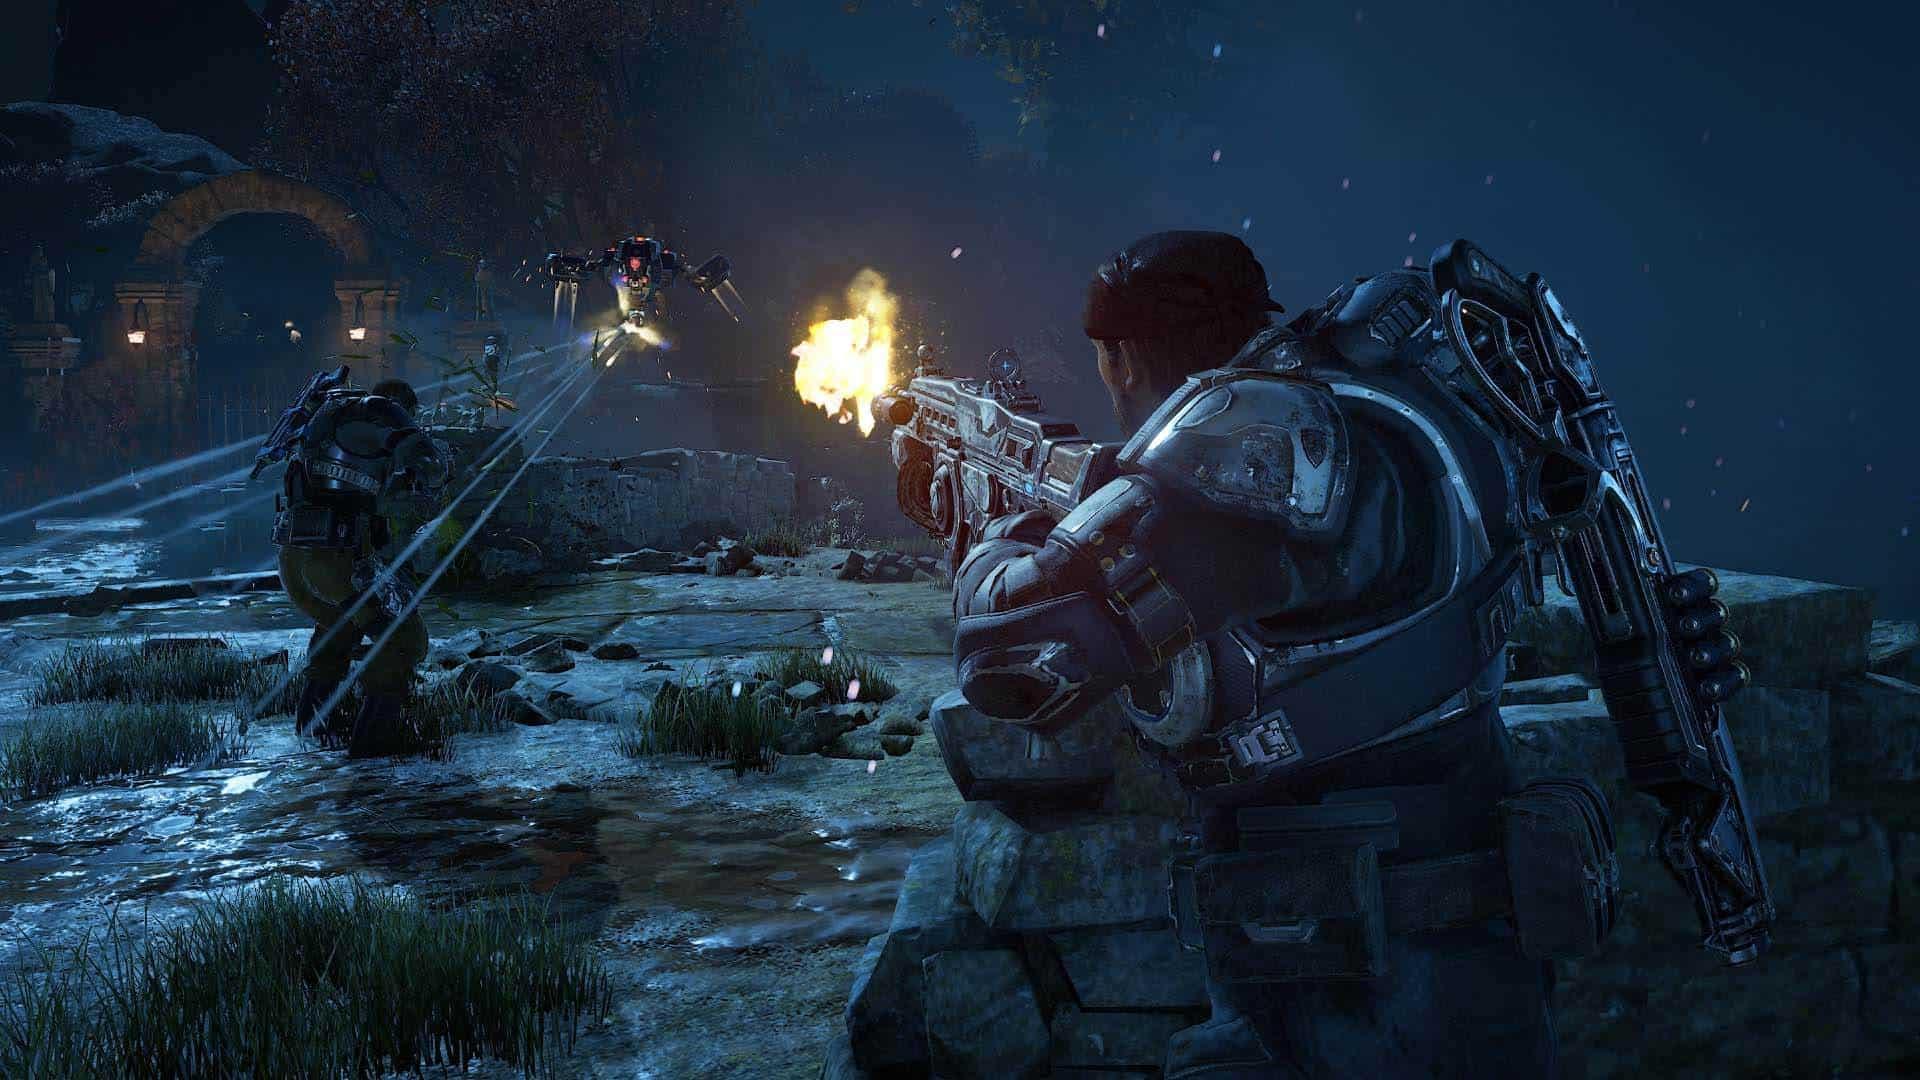 بازی ویدیویی گیرز آو وار ۴ (دندههای جنگ ۴) - Gears of War 4 Video Game